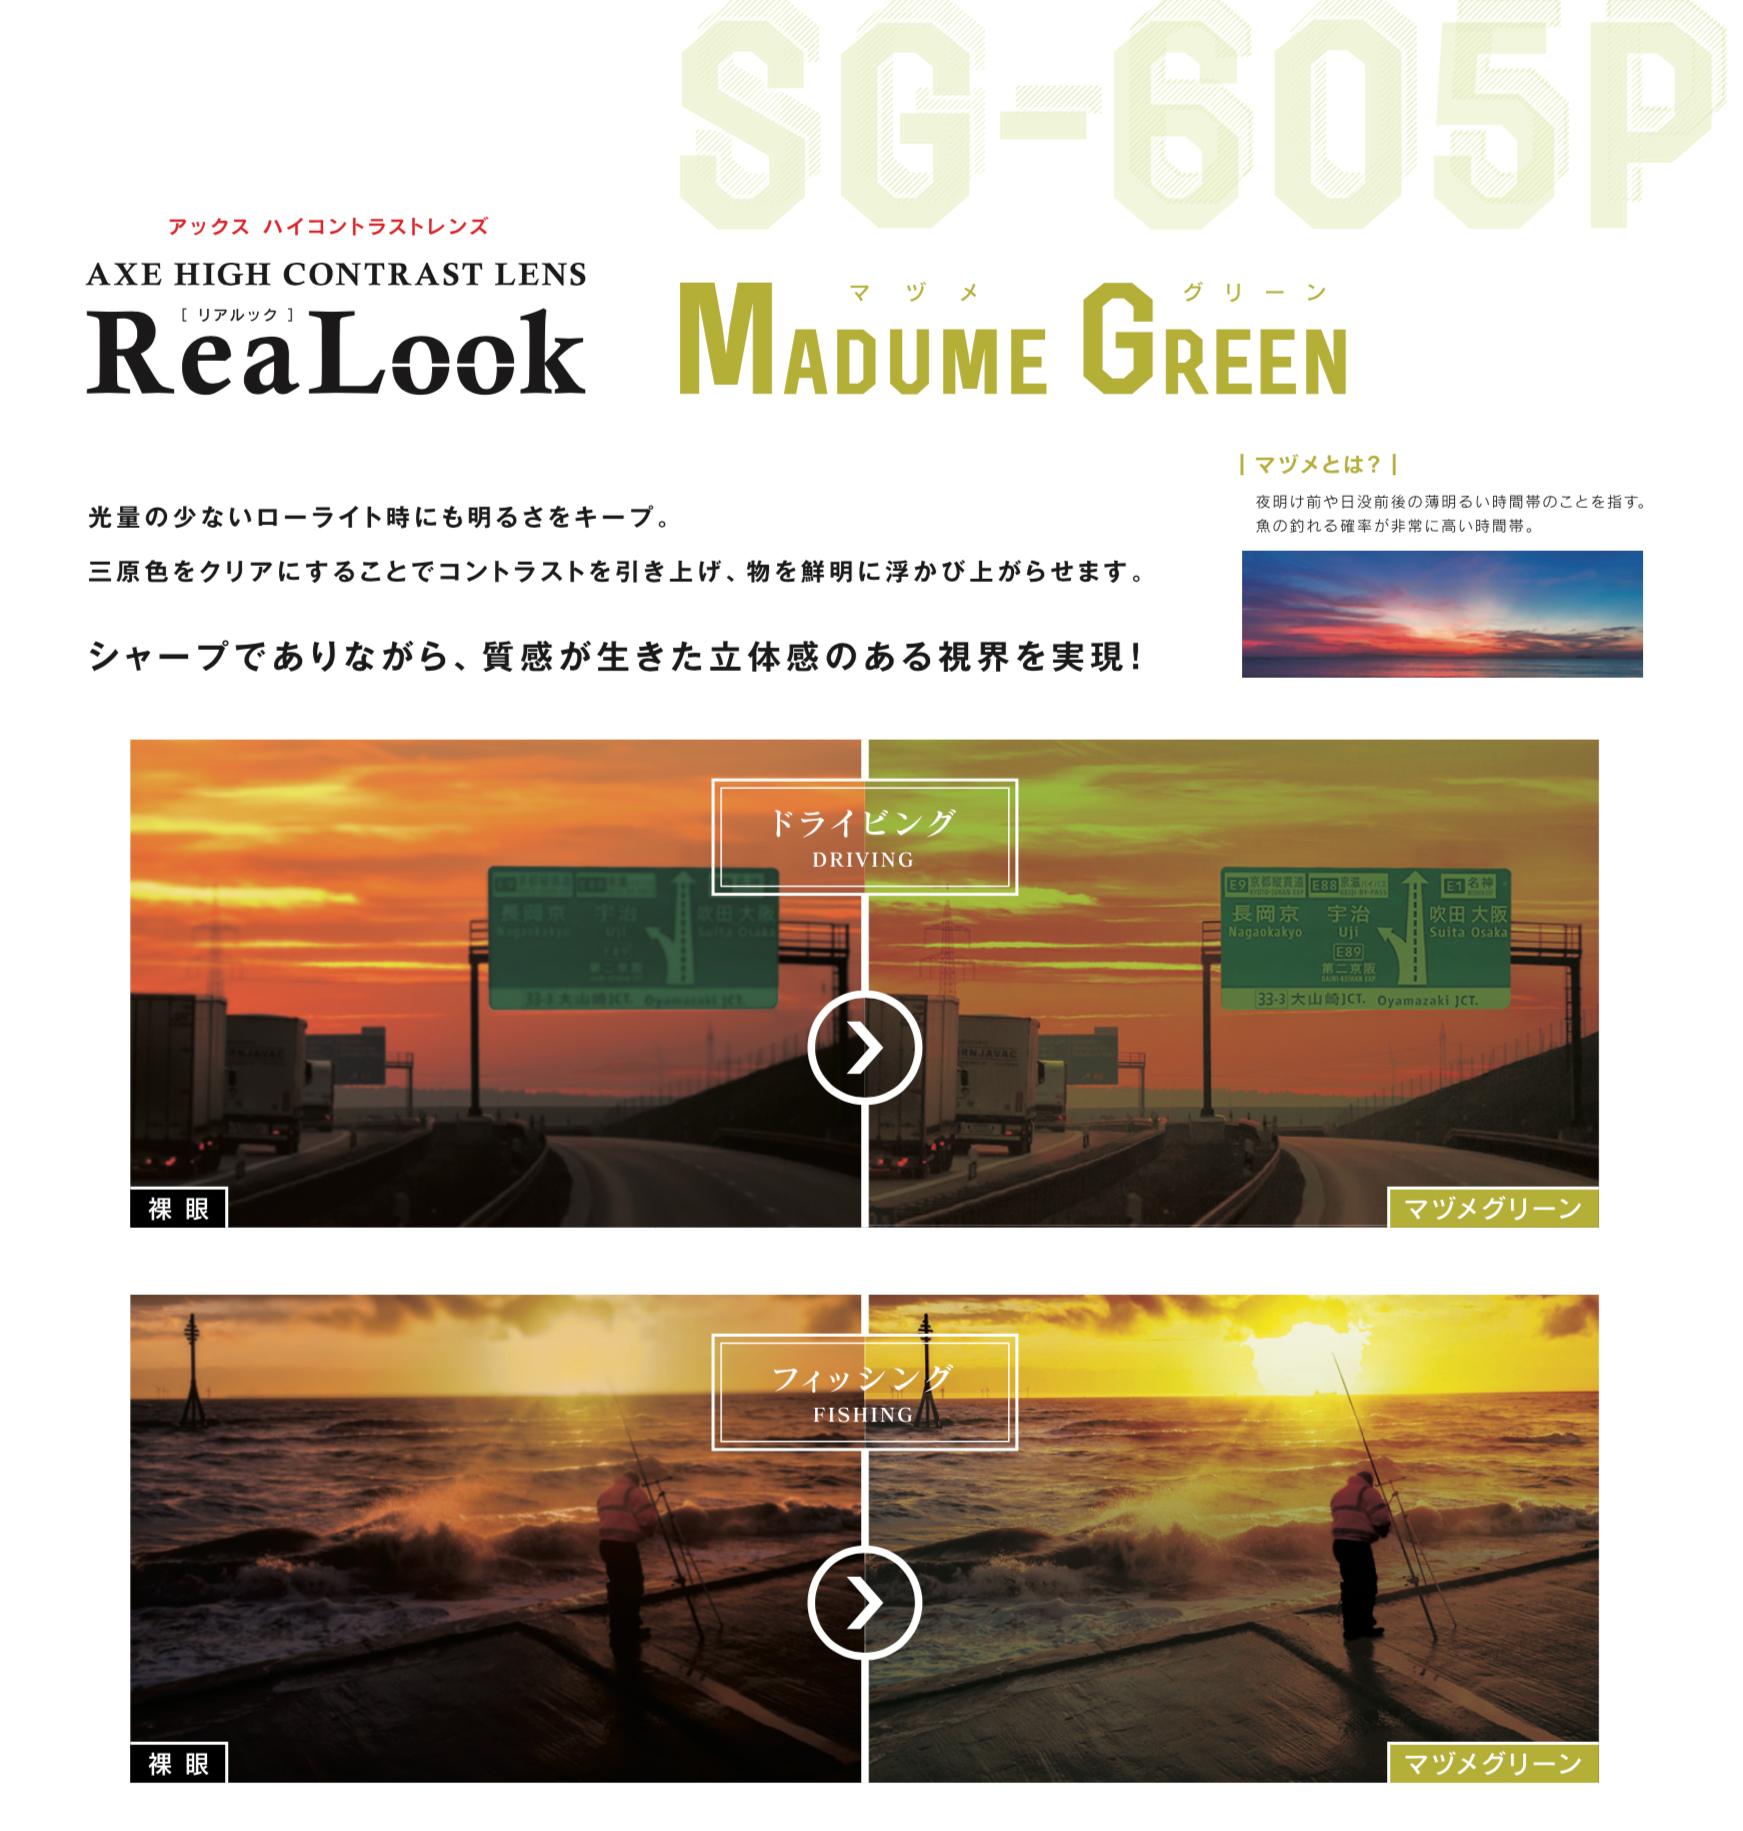 オーバーサングラス AXE SG605P-LBR MG マヅメグリーン